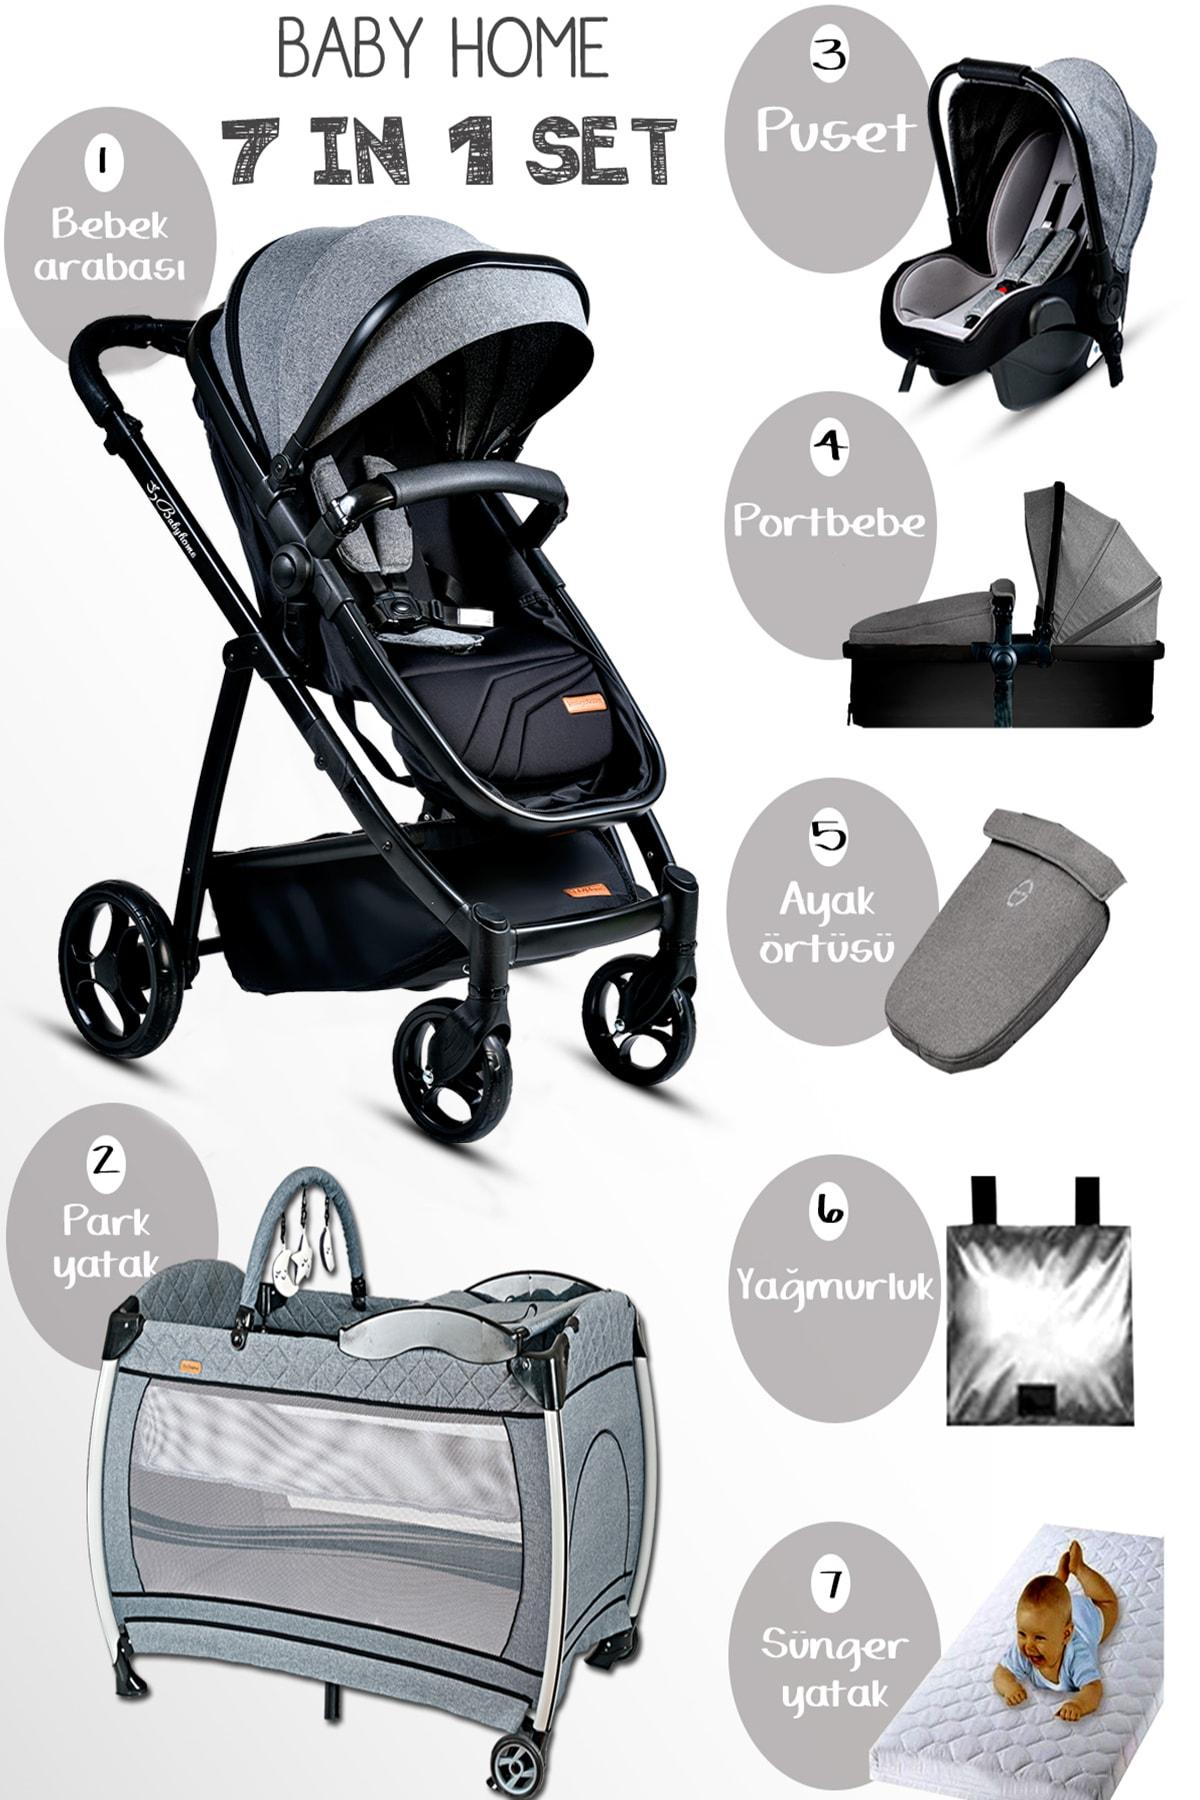 Baby Home 955 Gold Travel Sistem Bebek Arabası 600 Bebek Oyun Parkı Beşik Yatak Full Takım